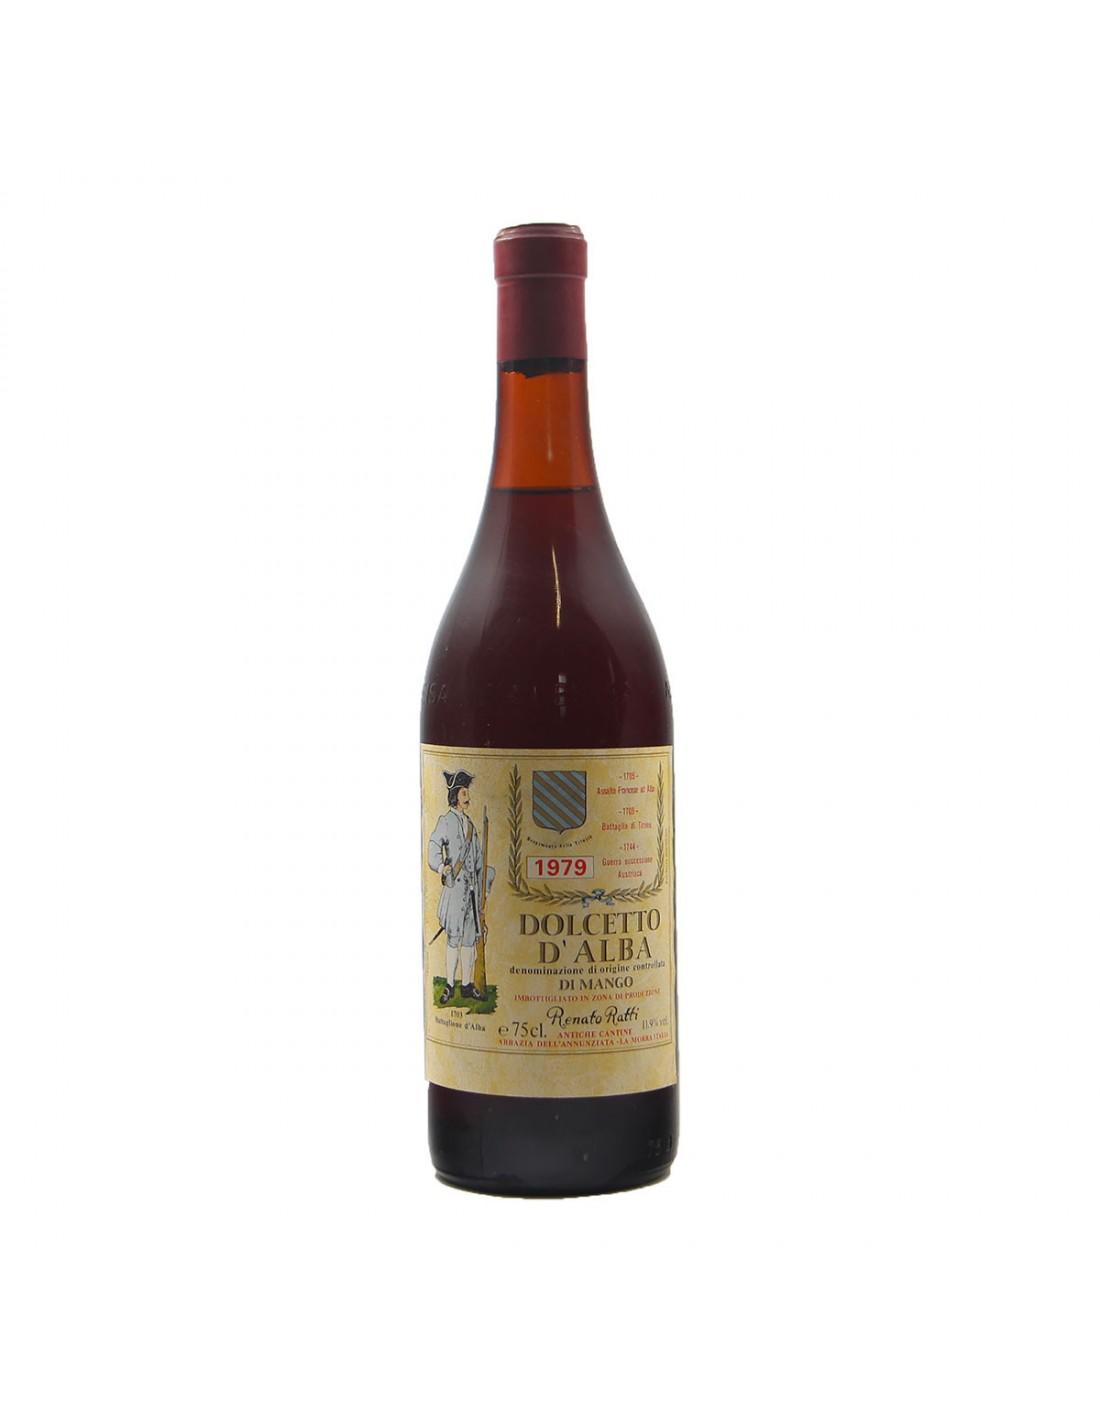 DOLCETTO D'ALBA 1979 RATTI Grandi Bottiglie